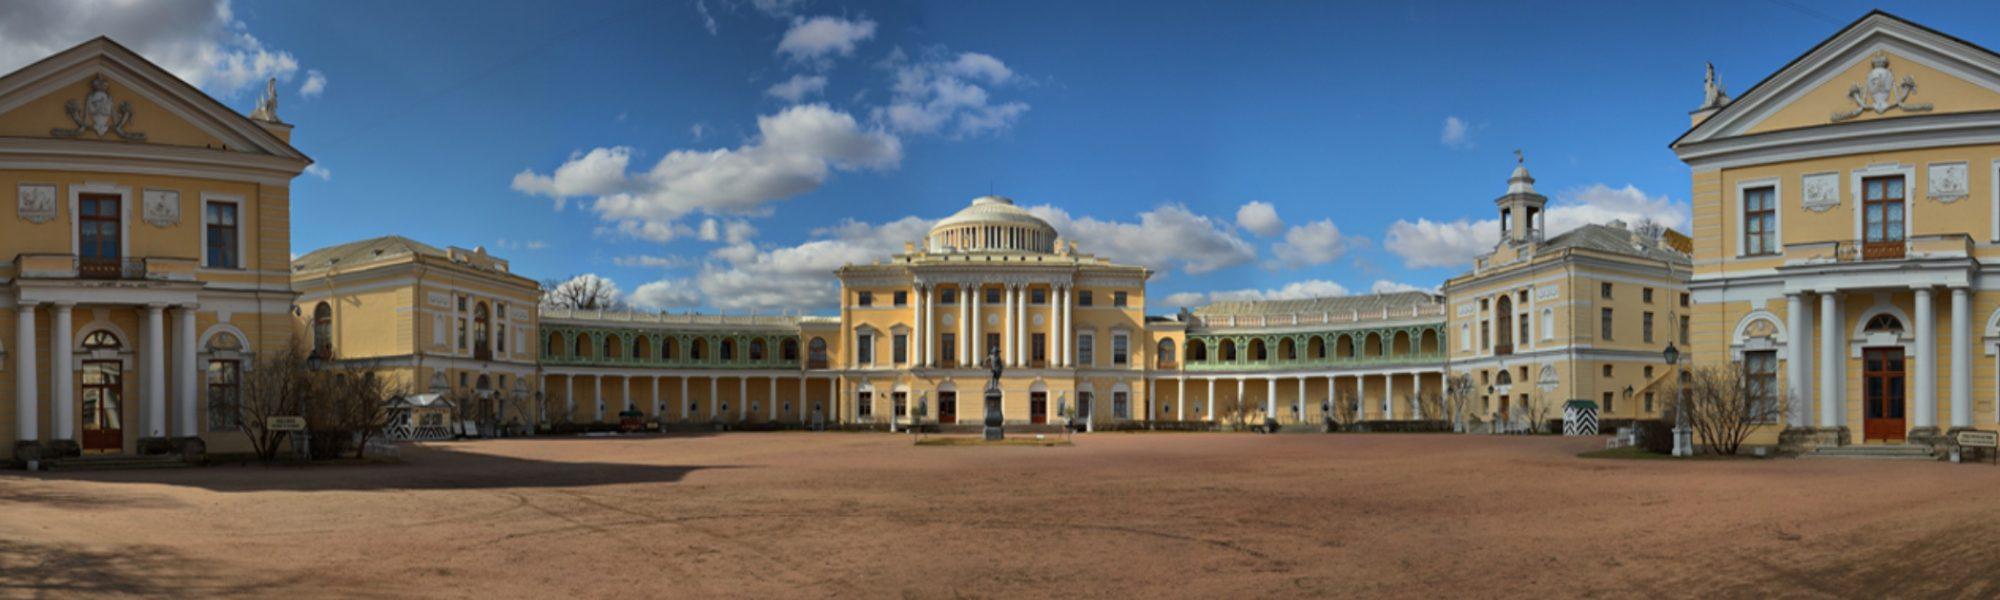 panorama du palais Pavlovsk